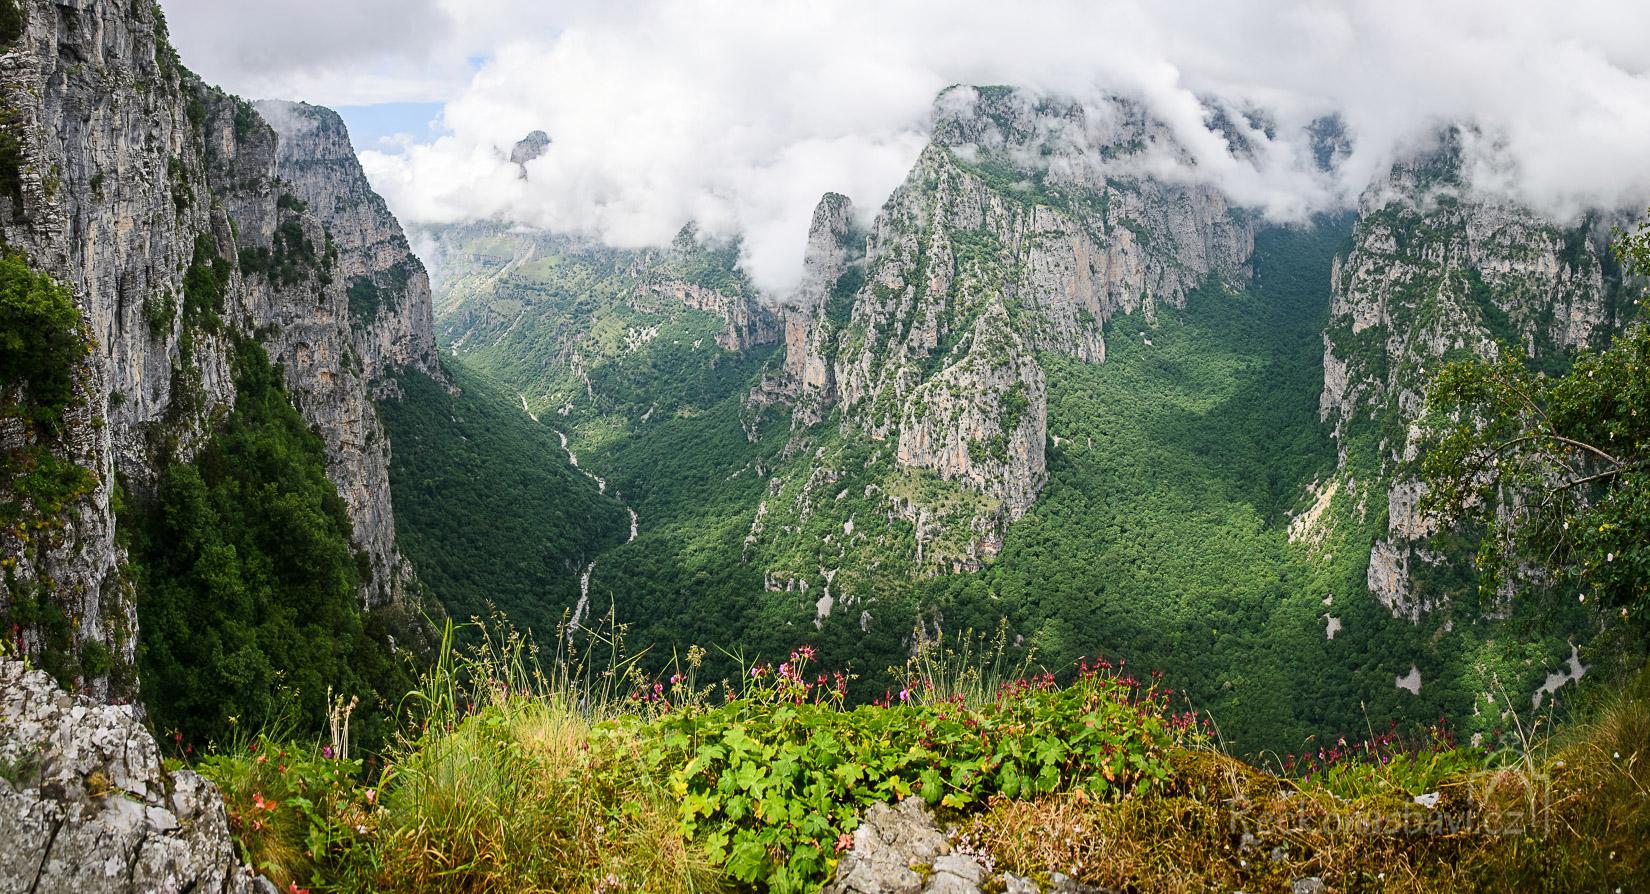 pohled do kaňonu Vikos z vyhlídky Oxia